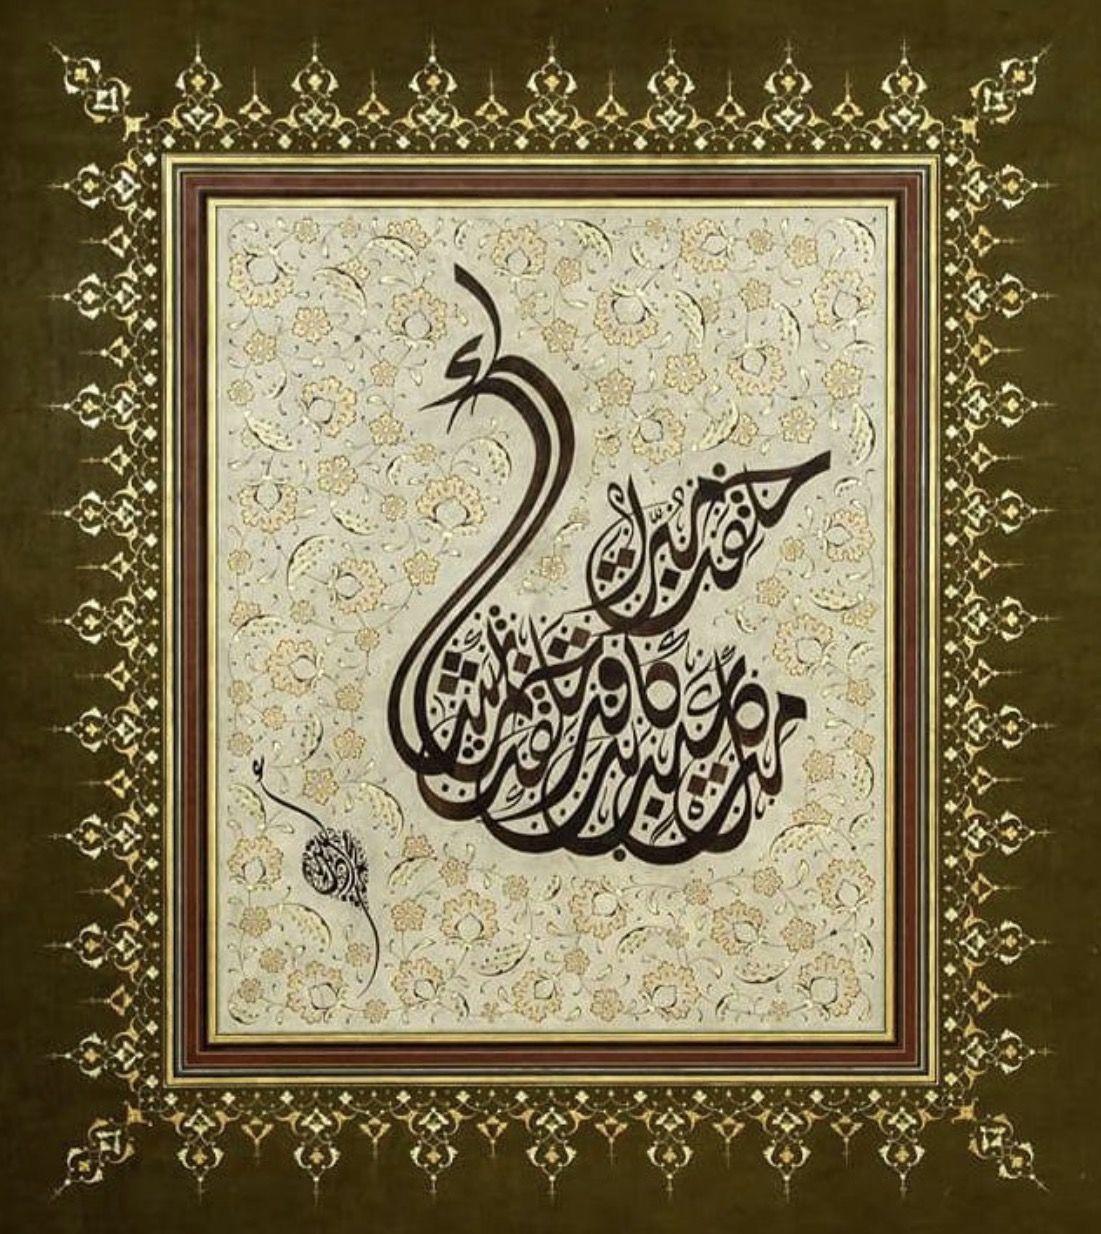 خلقت مبرأ من كل عيب كأنك خلقت كما تشاء قصيدة حسان بن ثابت في مدح الرسول Islamic Art Oriental Art Arabic Calligraphy